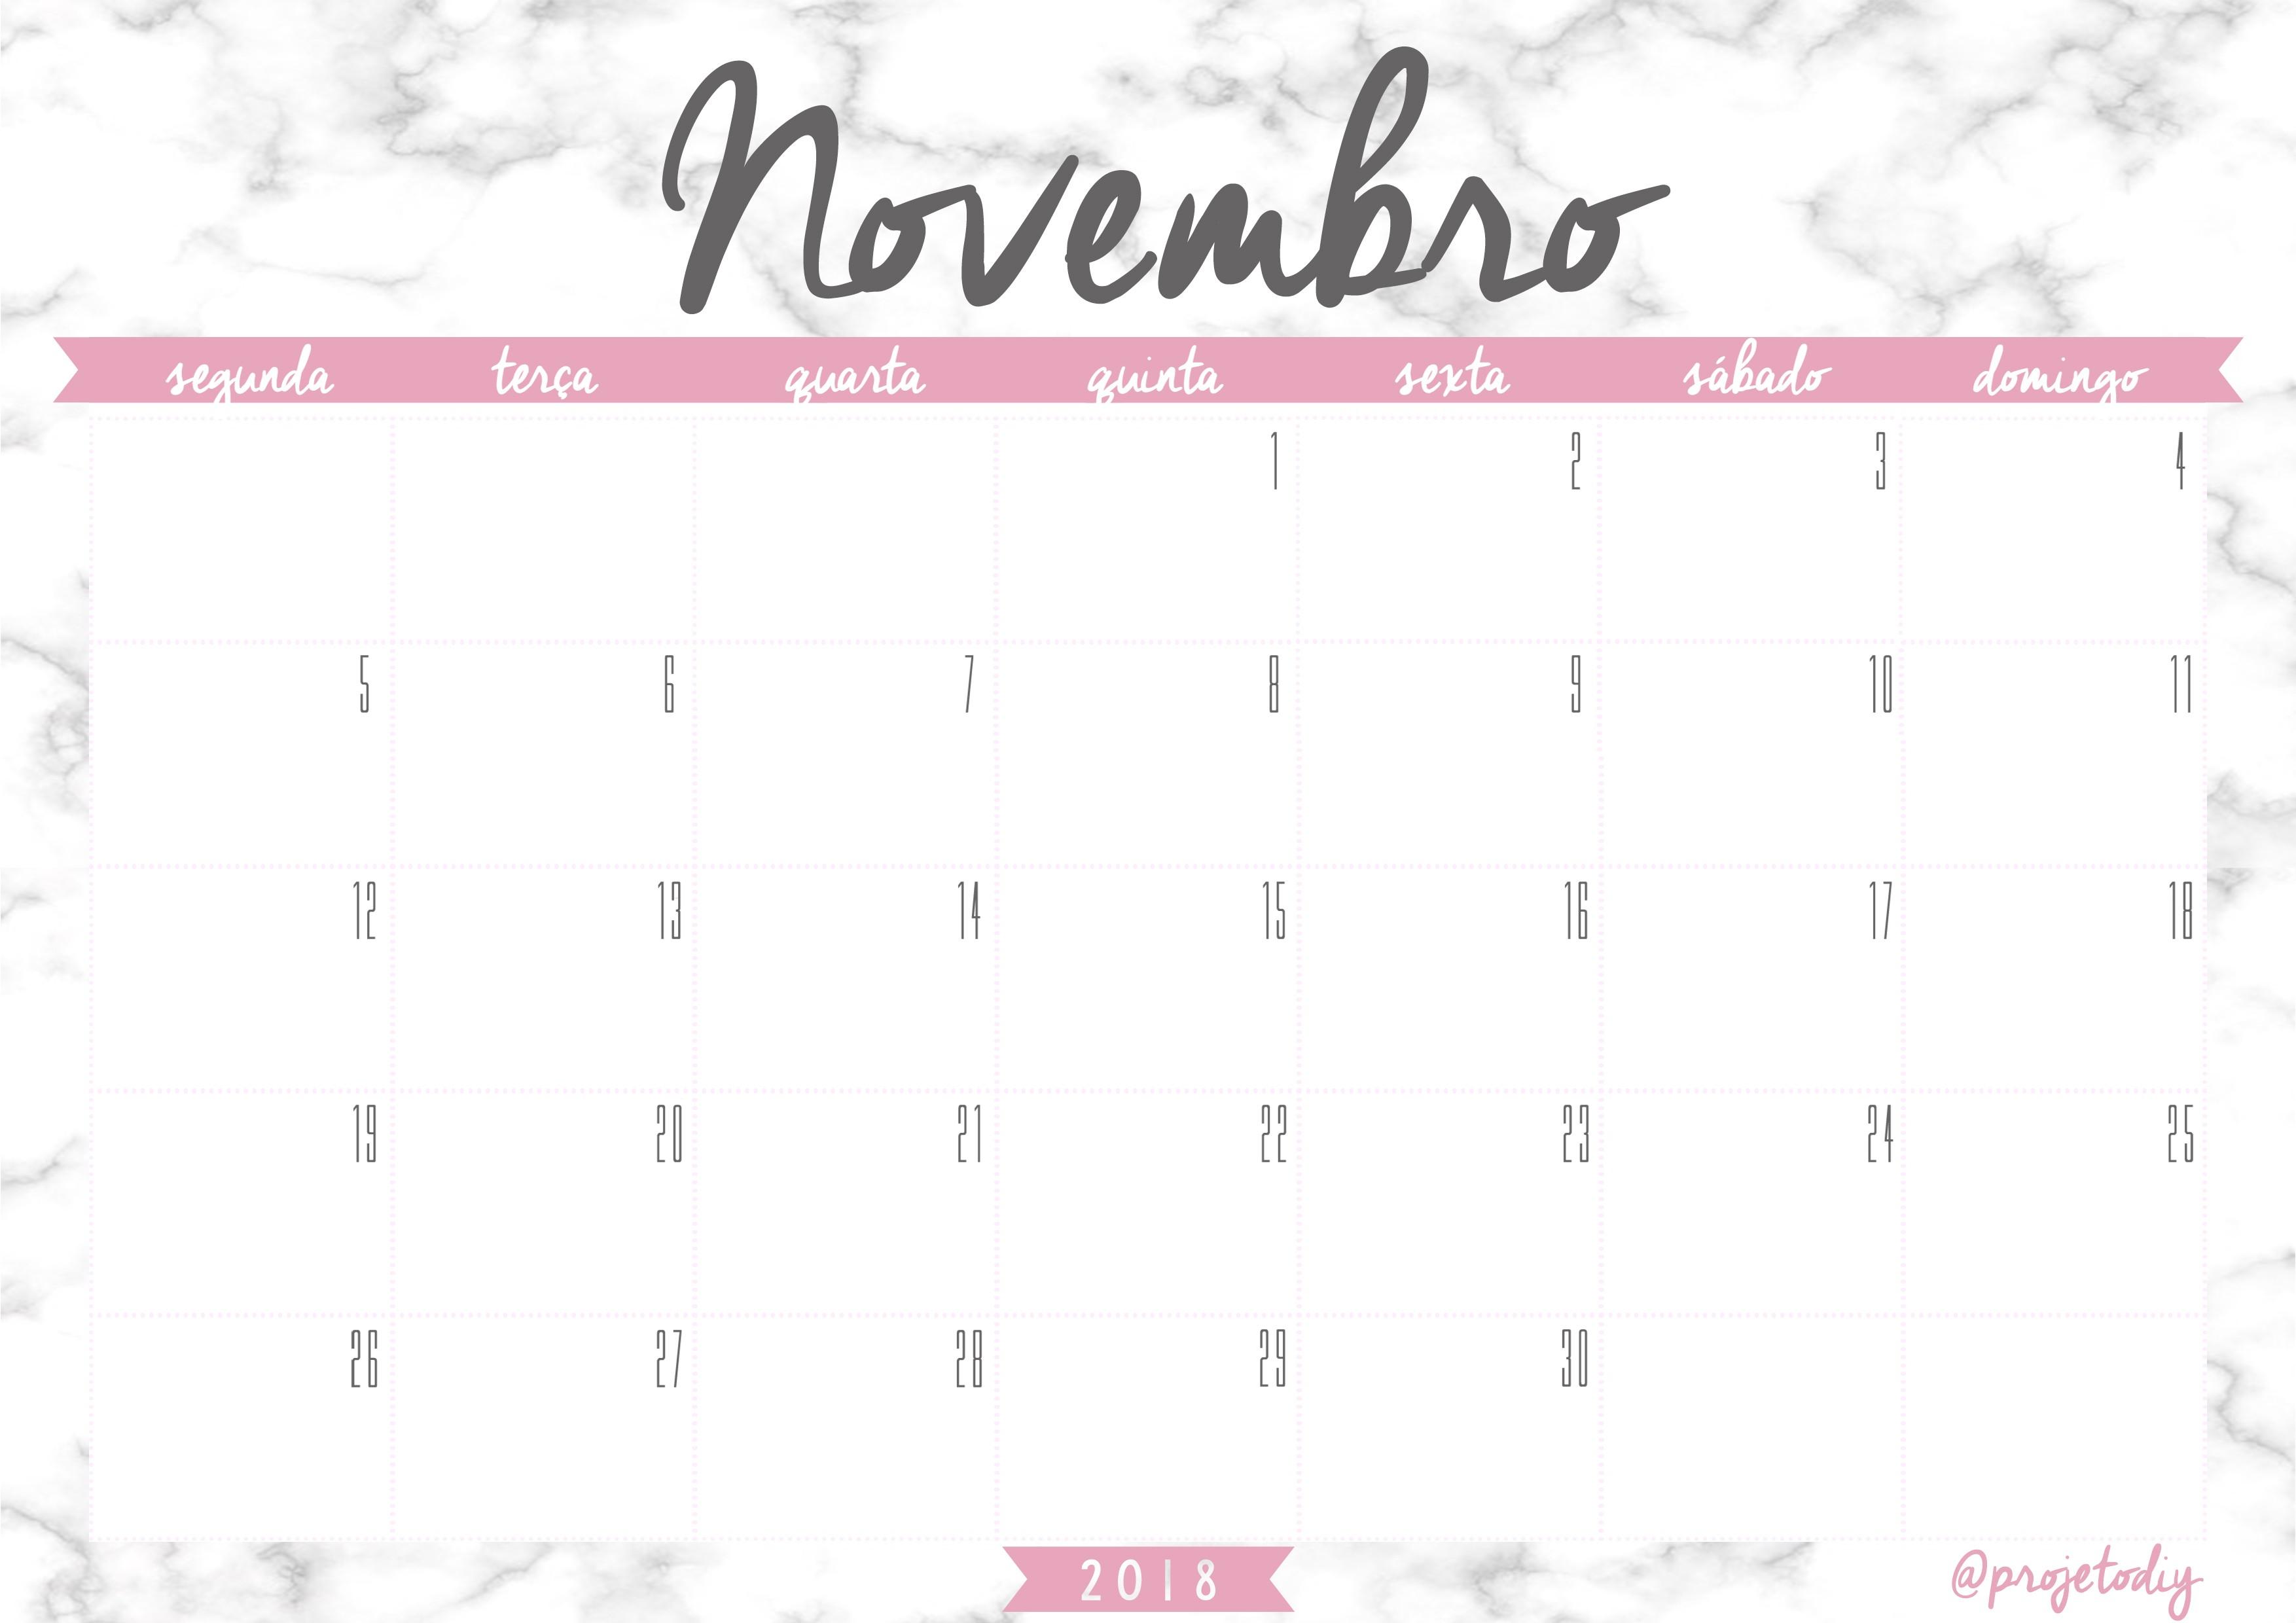 Calendário 2019 Com Feriados Goiania Más Recientes Calendario Novembro 2018 Imprimir T Of Calendário 2019 Com Feriados Goiania Actual Calendario Novembro 2018 Imprimir T